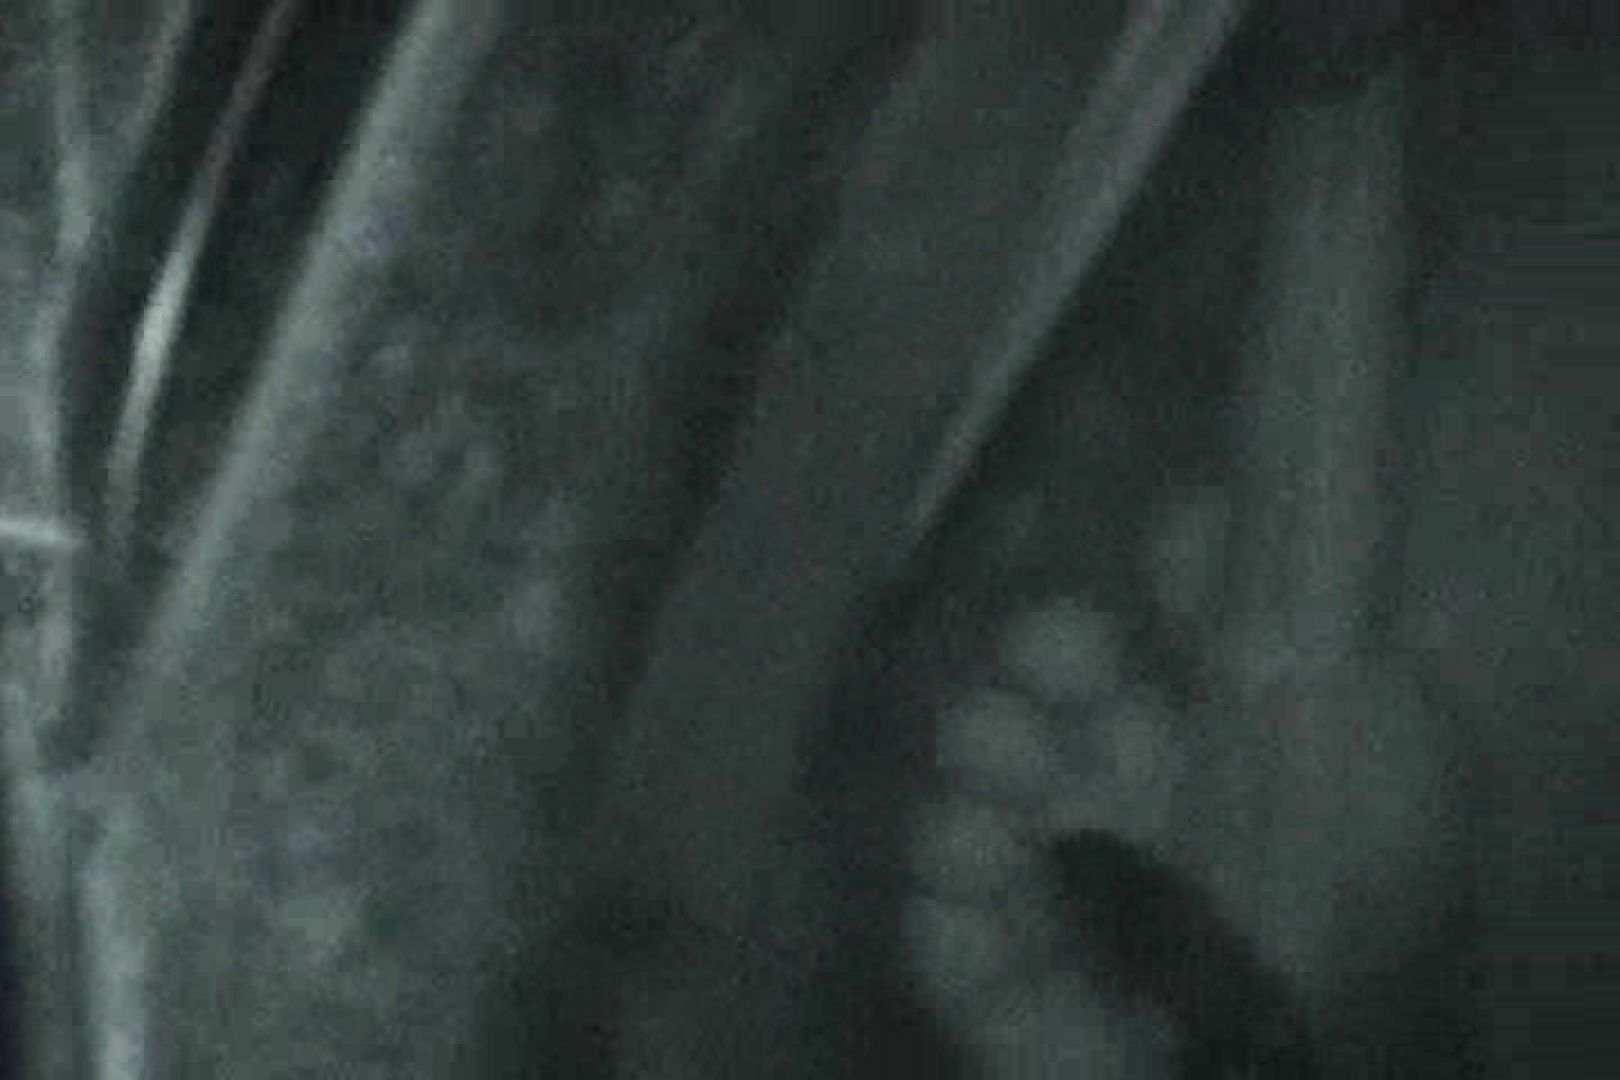 「充血監督」さんの深夜の運動会!! vol.001 カーセックス AV動画キャプチャ 97PIX 54